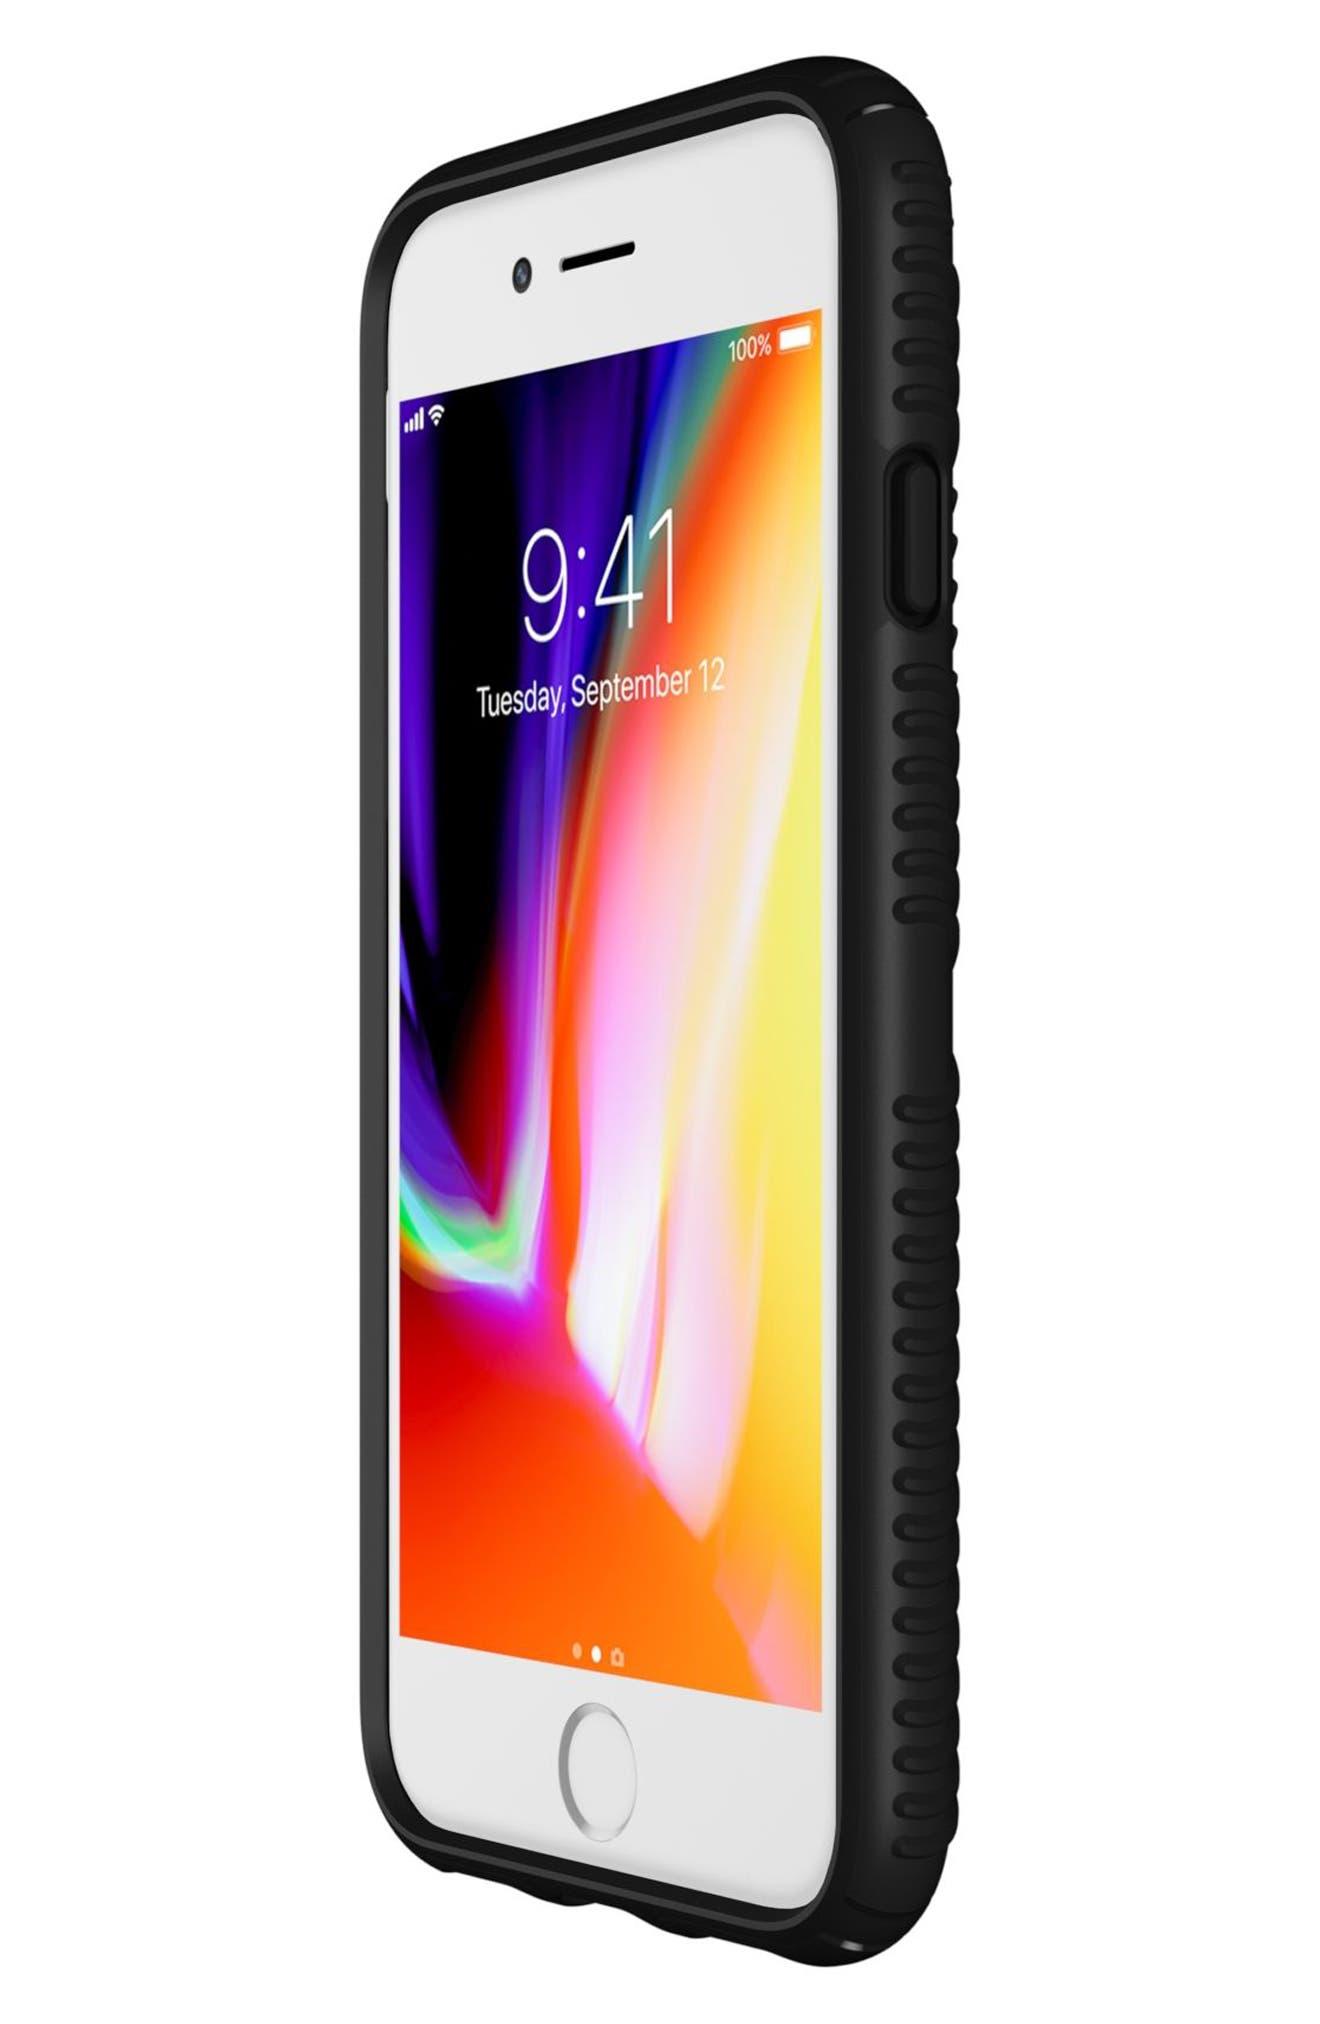 Grip iPhone 6/6s/7/8 Case,                             Alternate thumbnail 6, color,                             BLACK/ BLACK